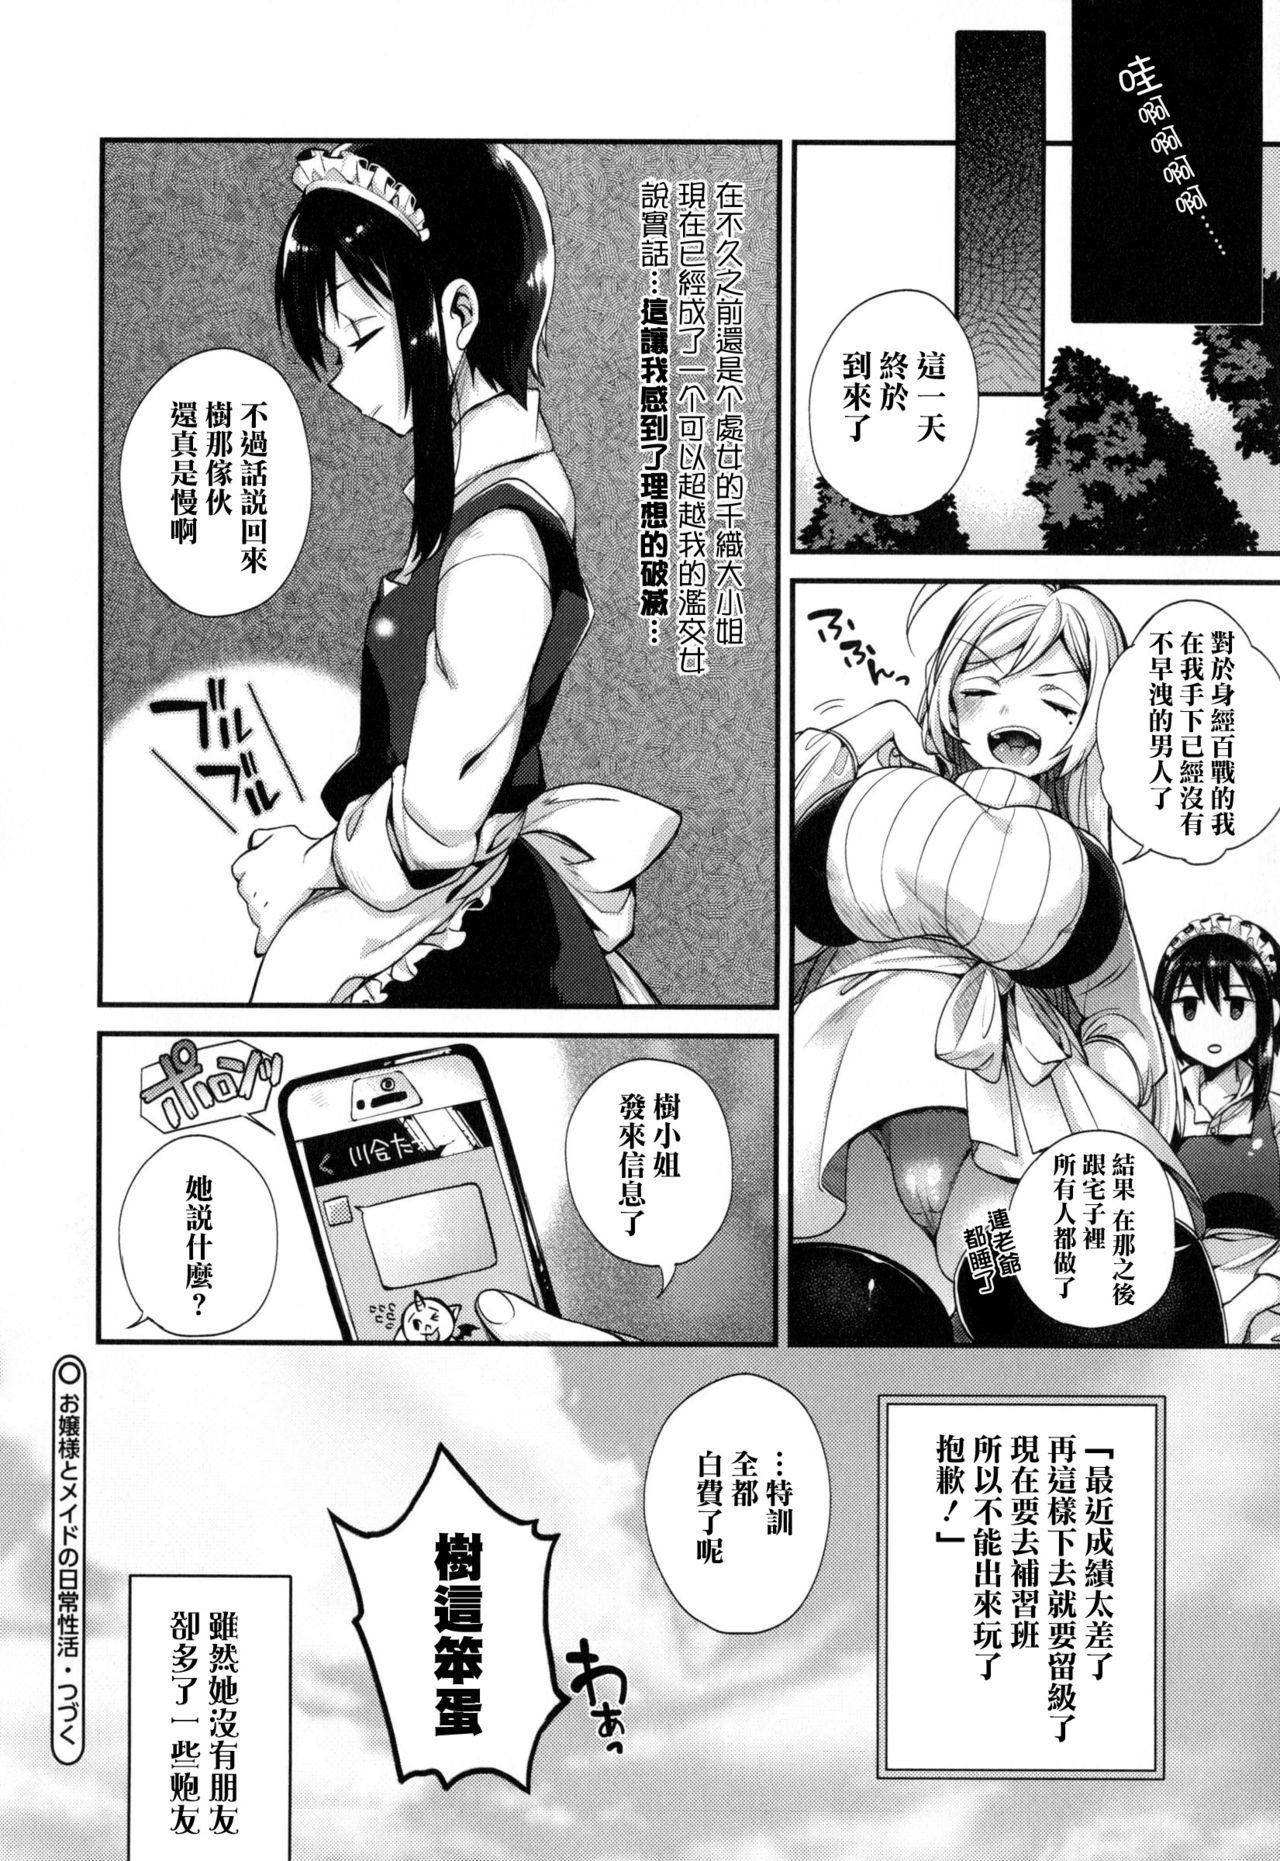 [Shindou] Ojou-sama to Maid no Midara na Seikatsu Ch. 1-3, 7-11 [Chinese] [无毒汉化组] 50